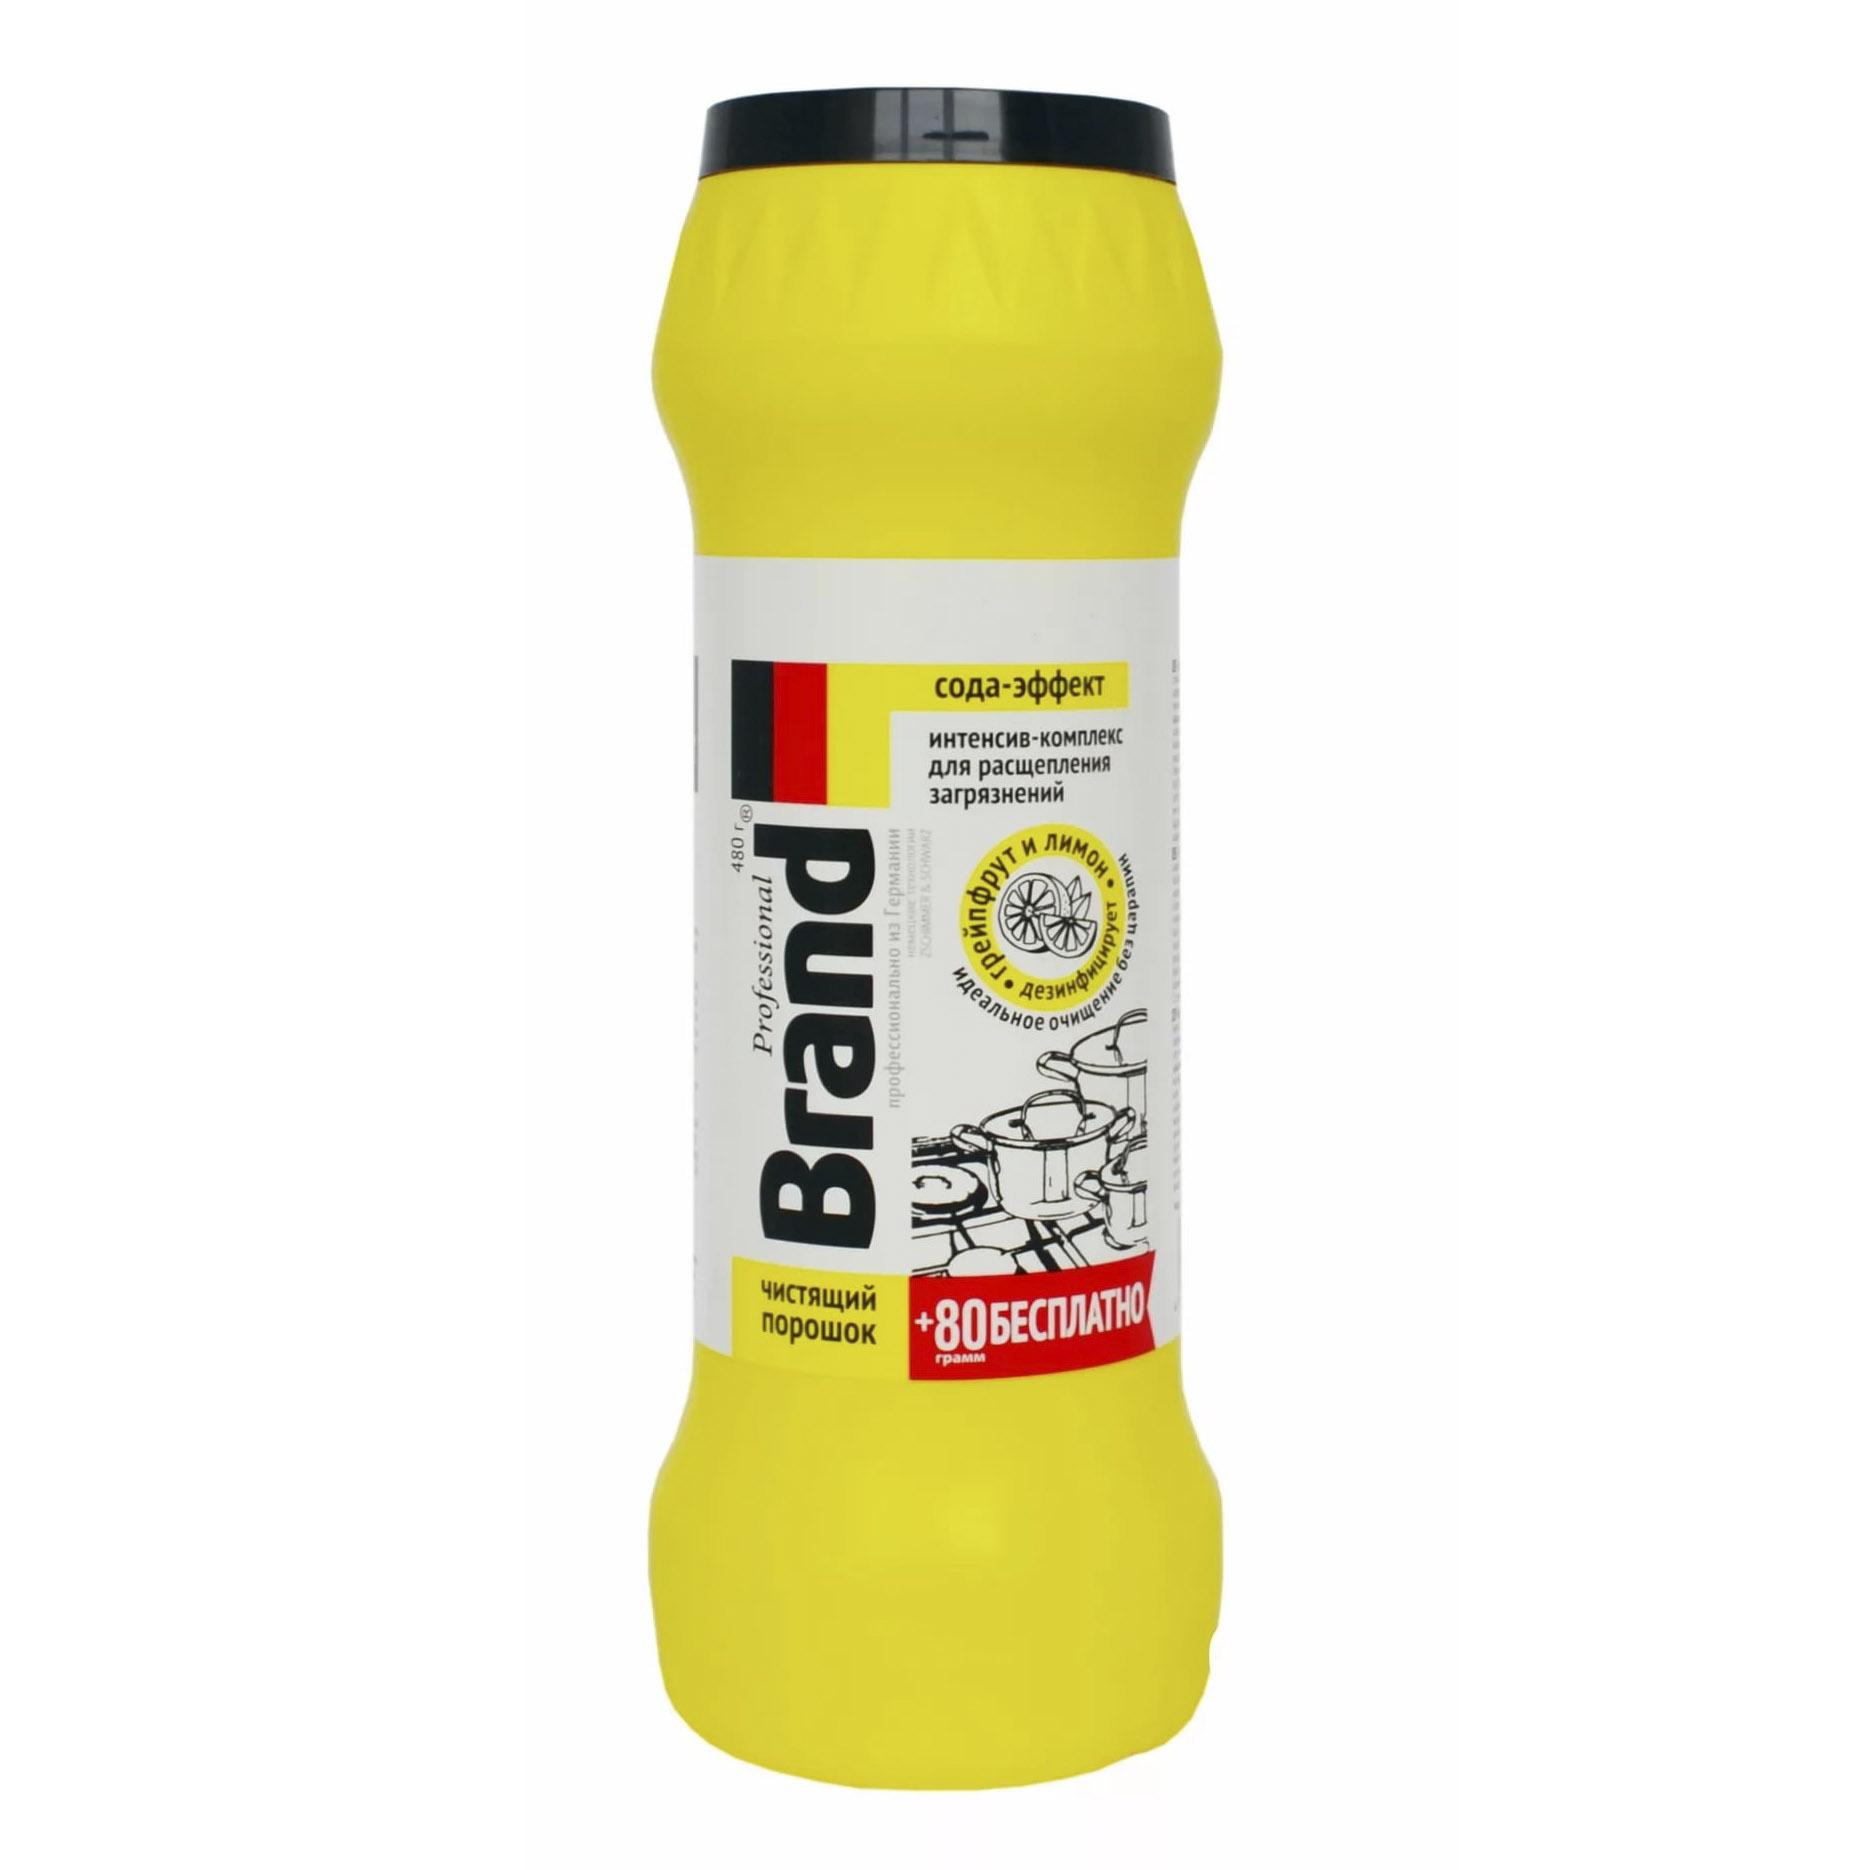 Чистящий Порошок Brand Сода-эффект Грейпфрут и лимон 480 г фото